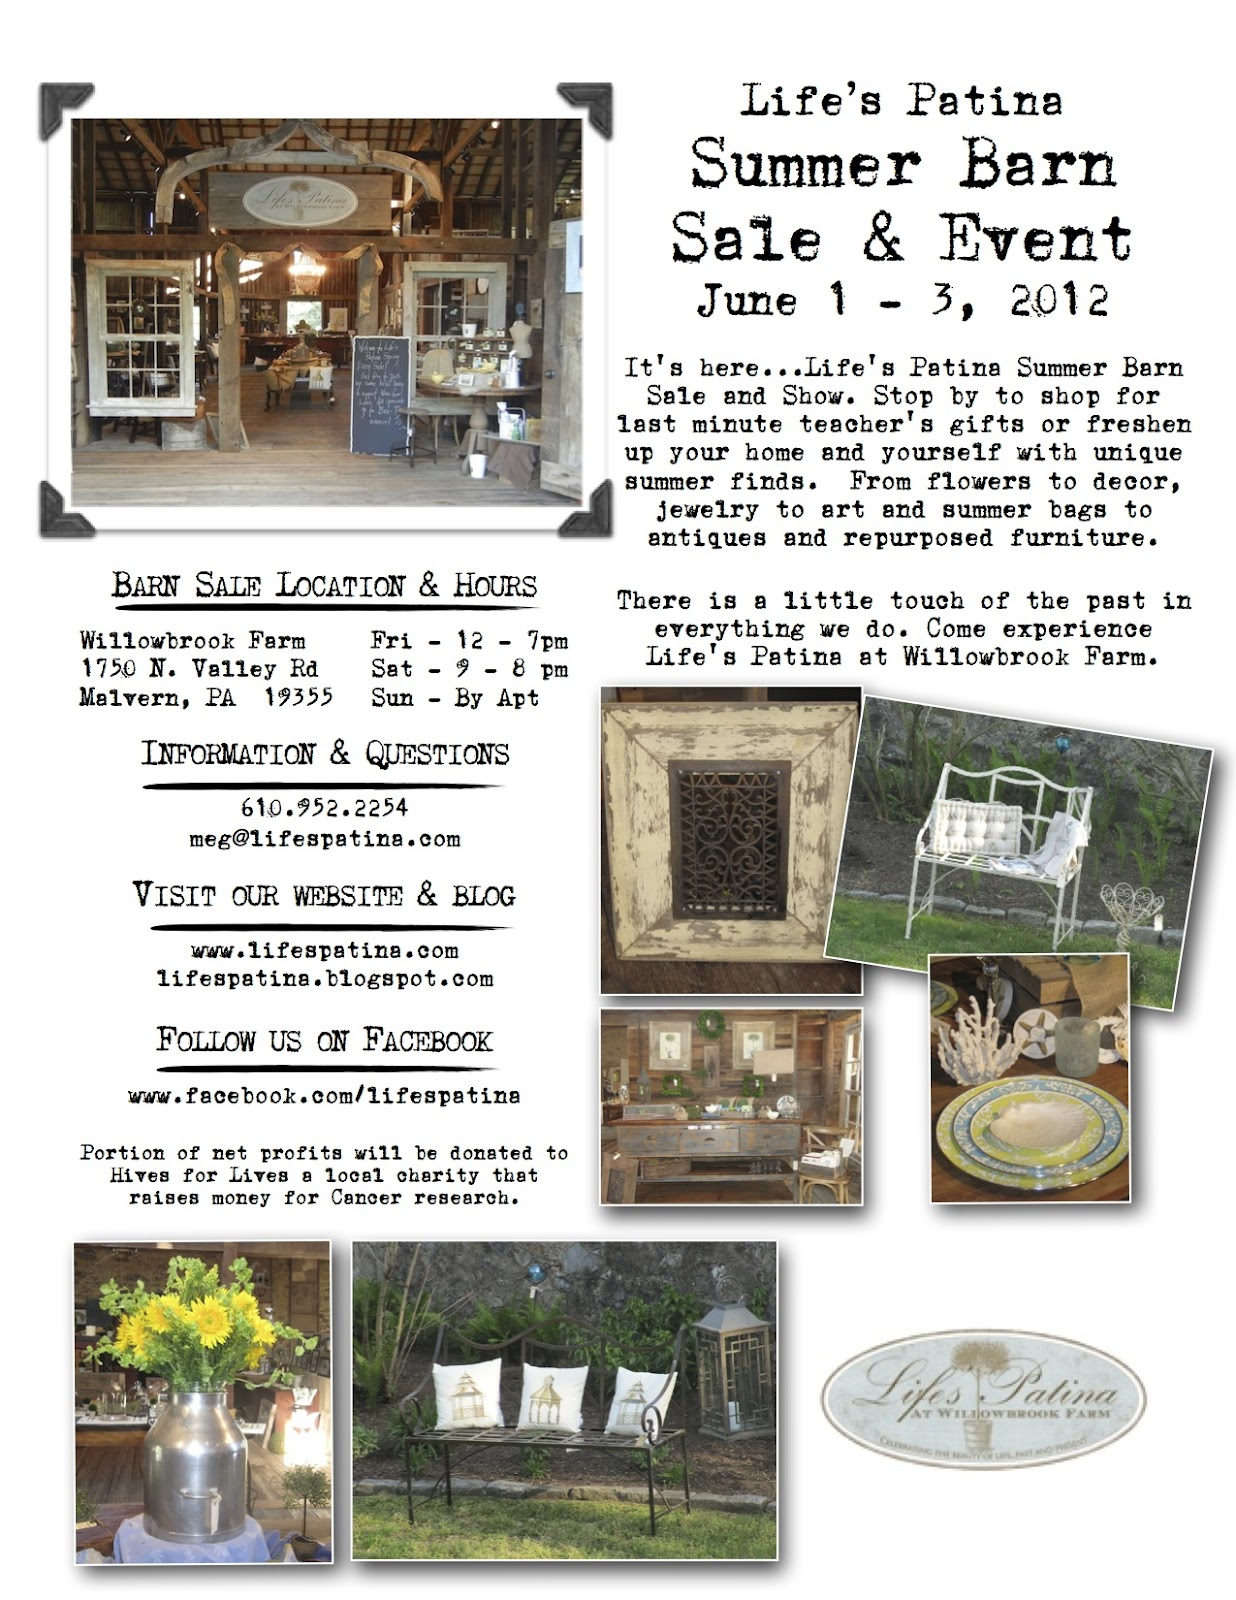 Life's Patina at Willowbrook Farm: Next Barn Sale - June ...